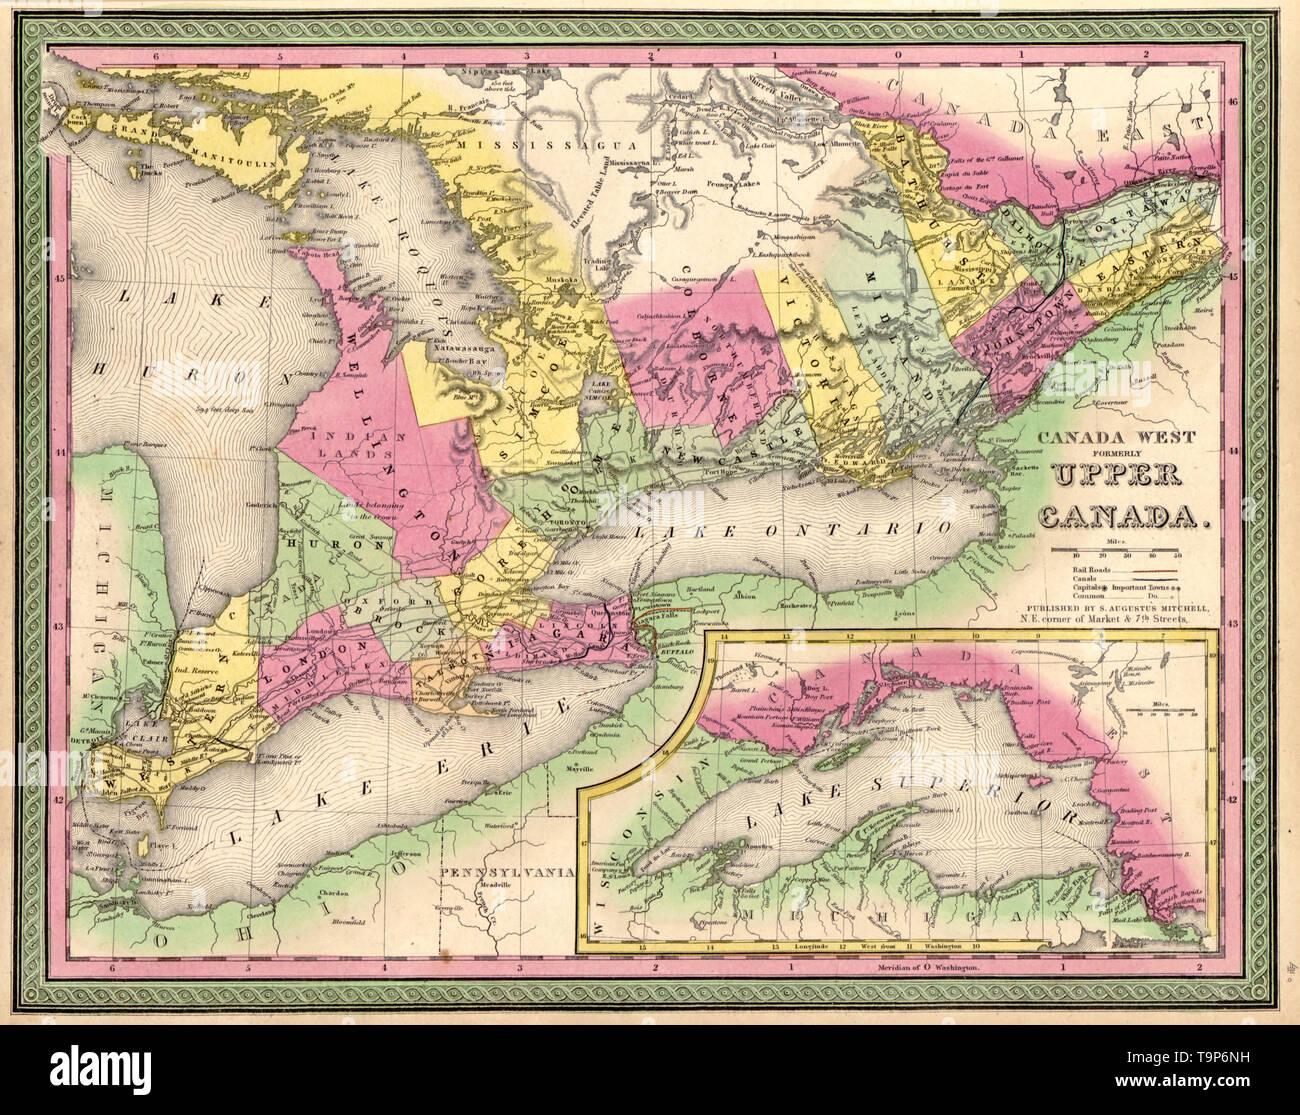 Karte Von Kanada West Ehemals Upper Canada 1849 Stockfoto Bild